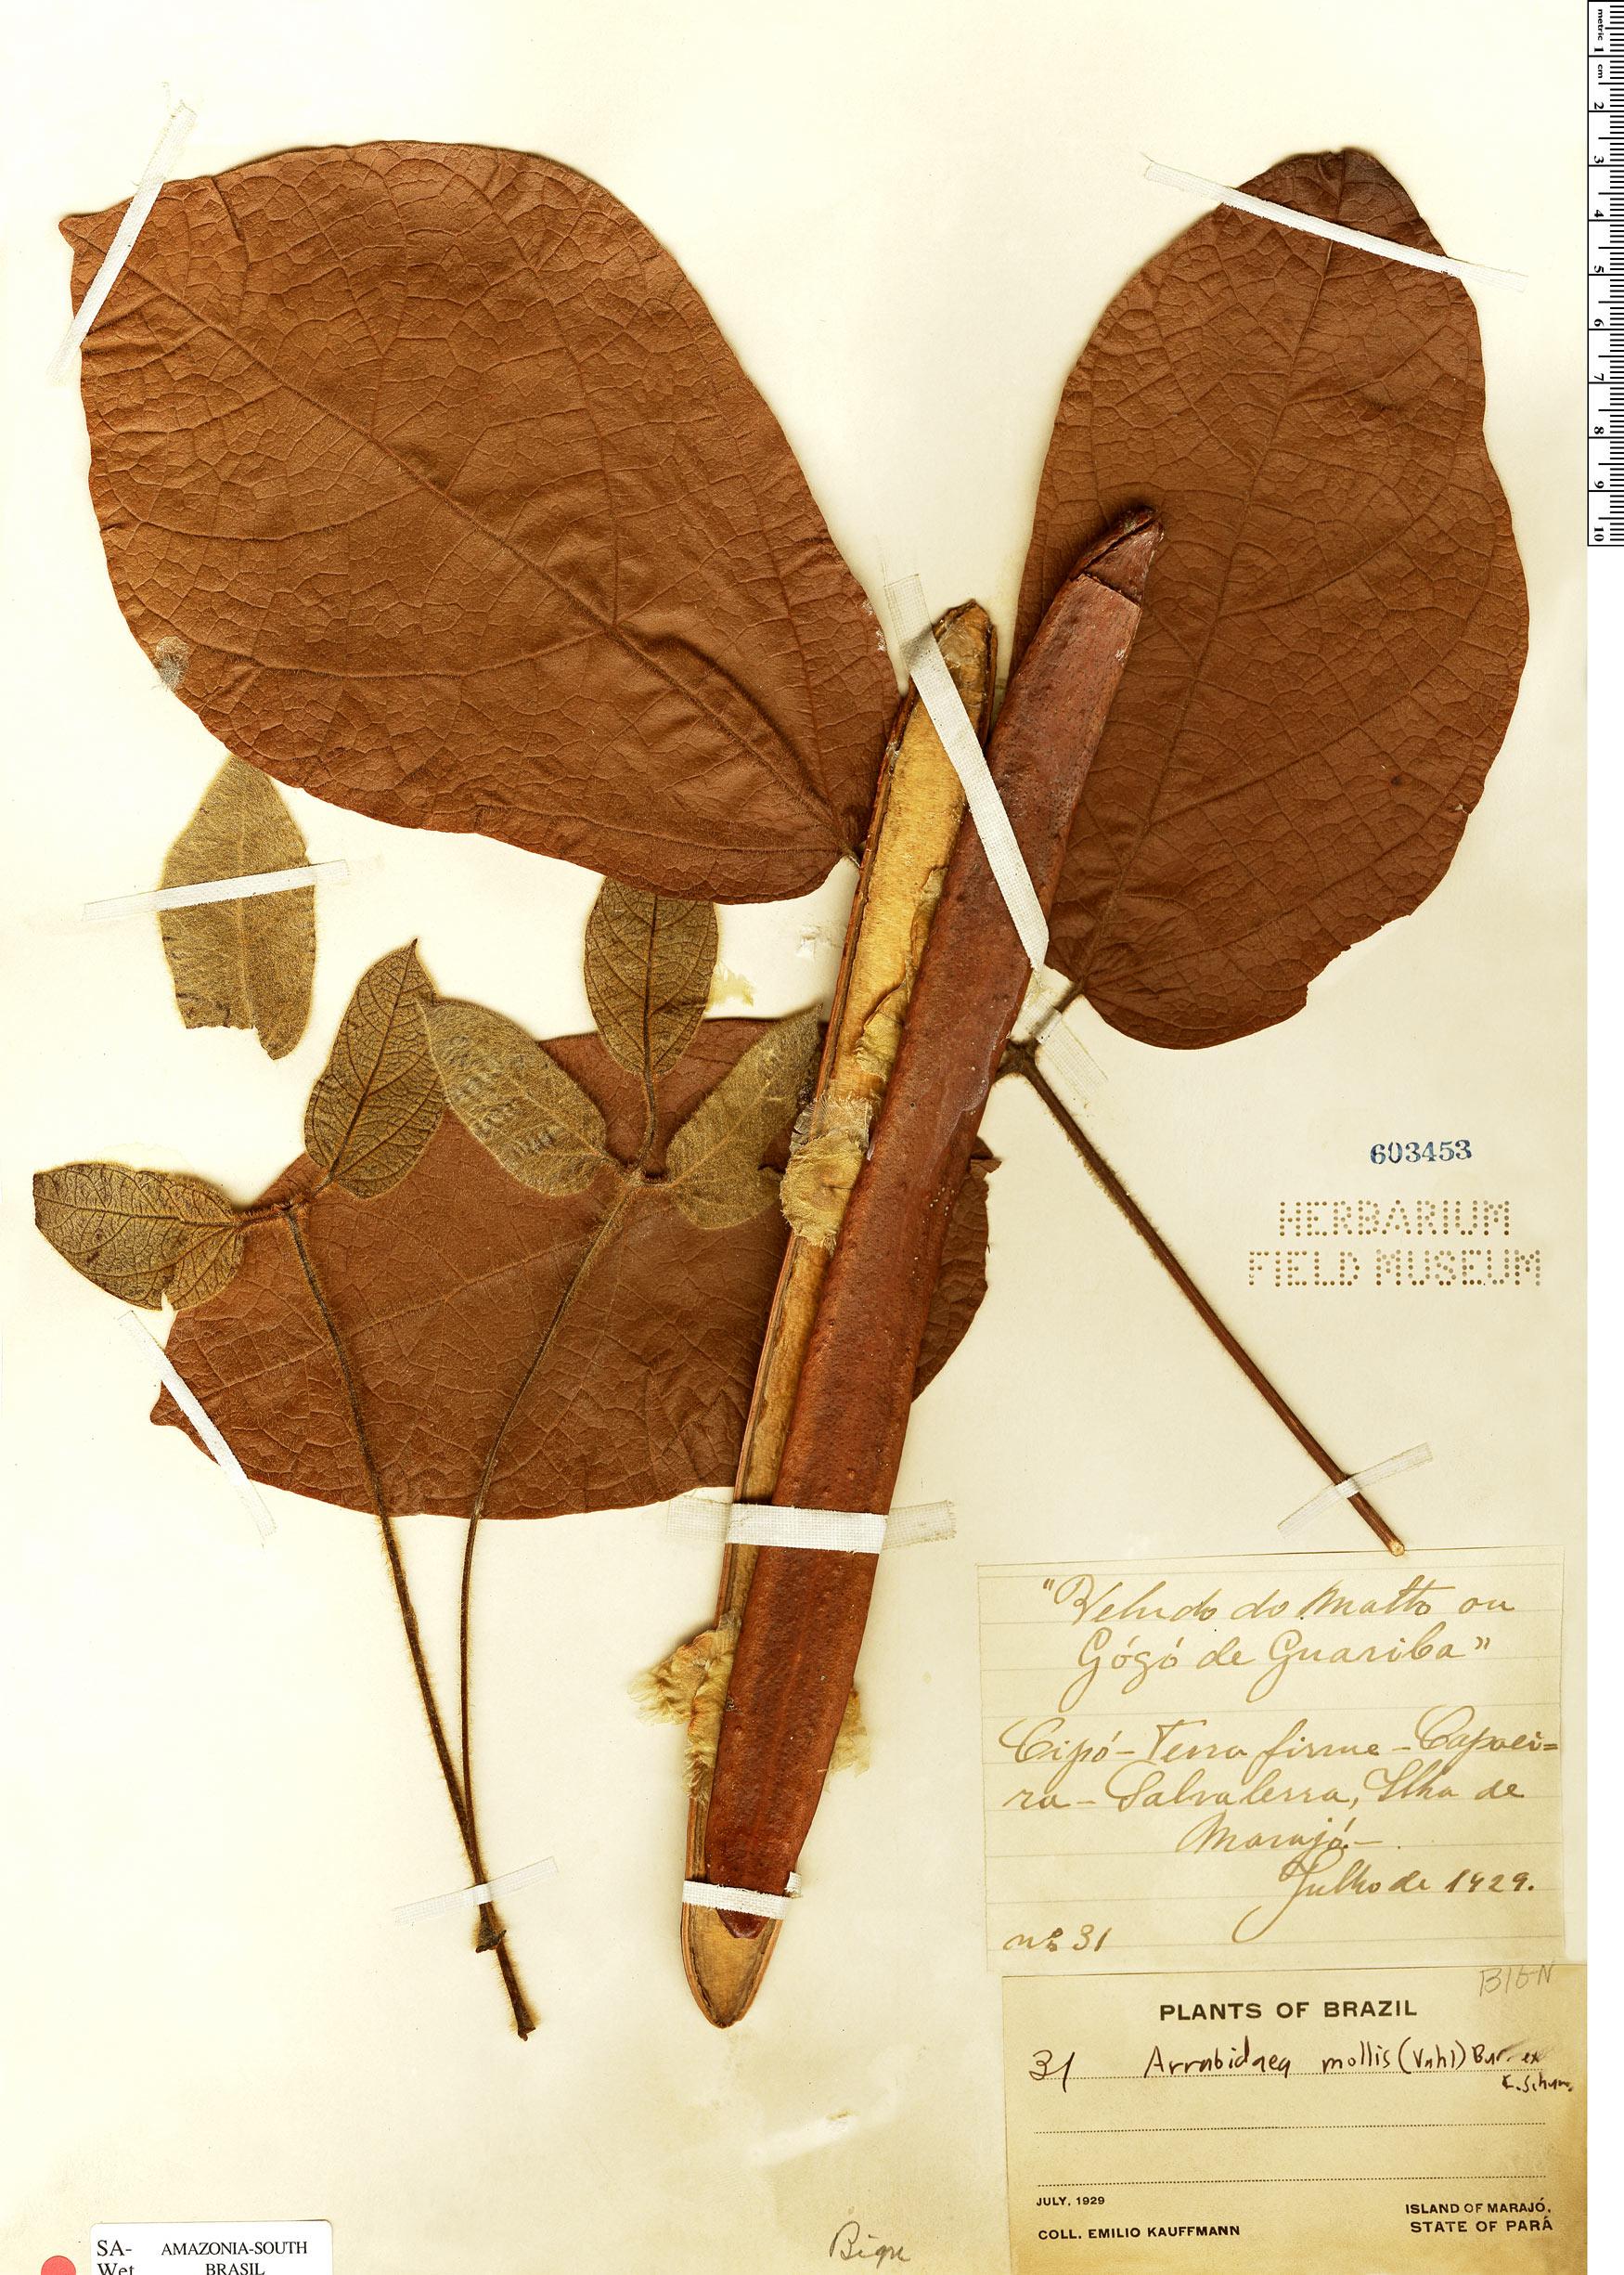 Specimen: Fridericia mollis